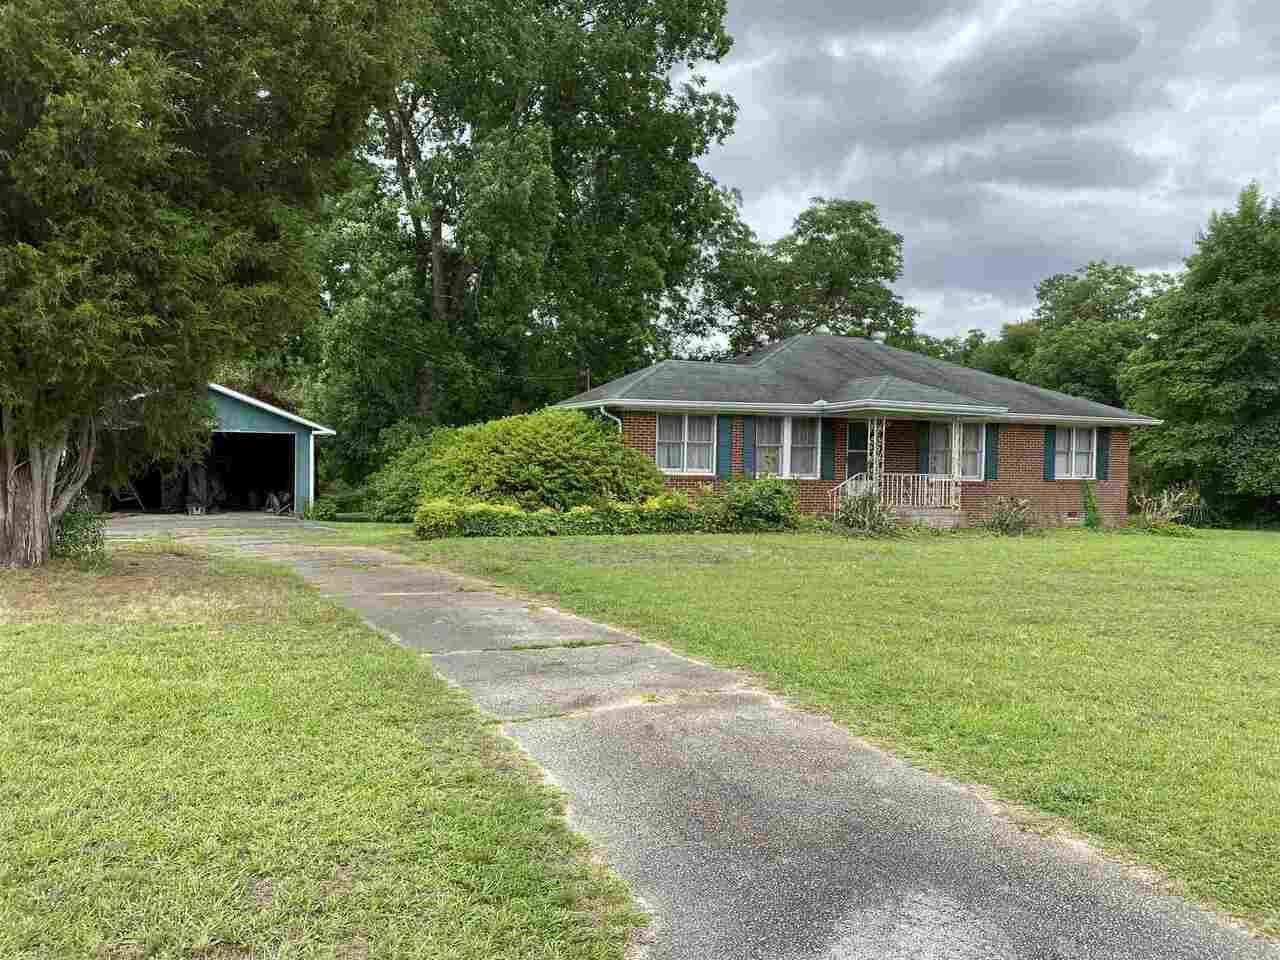 890 Herring Rd, Newnan, GA 30263 - MLS#: 8804742